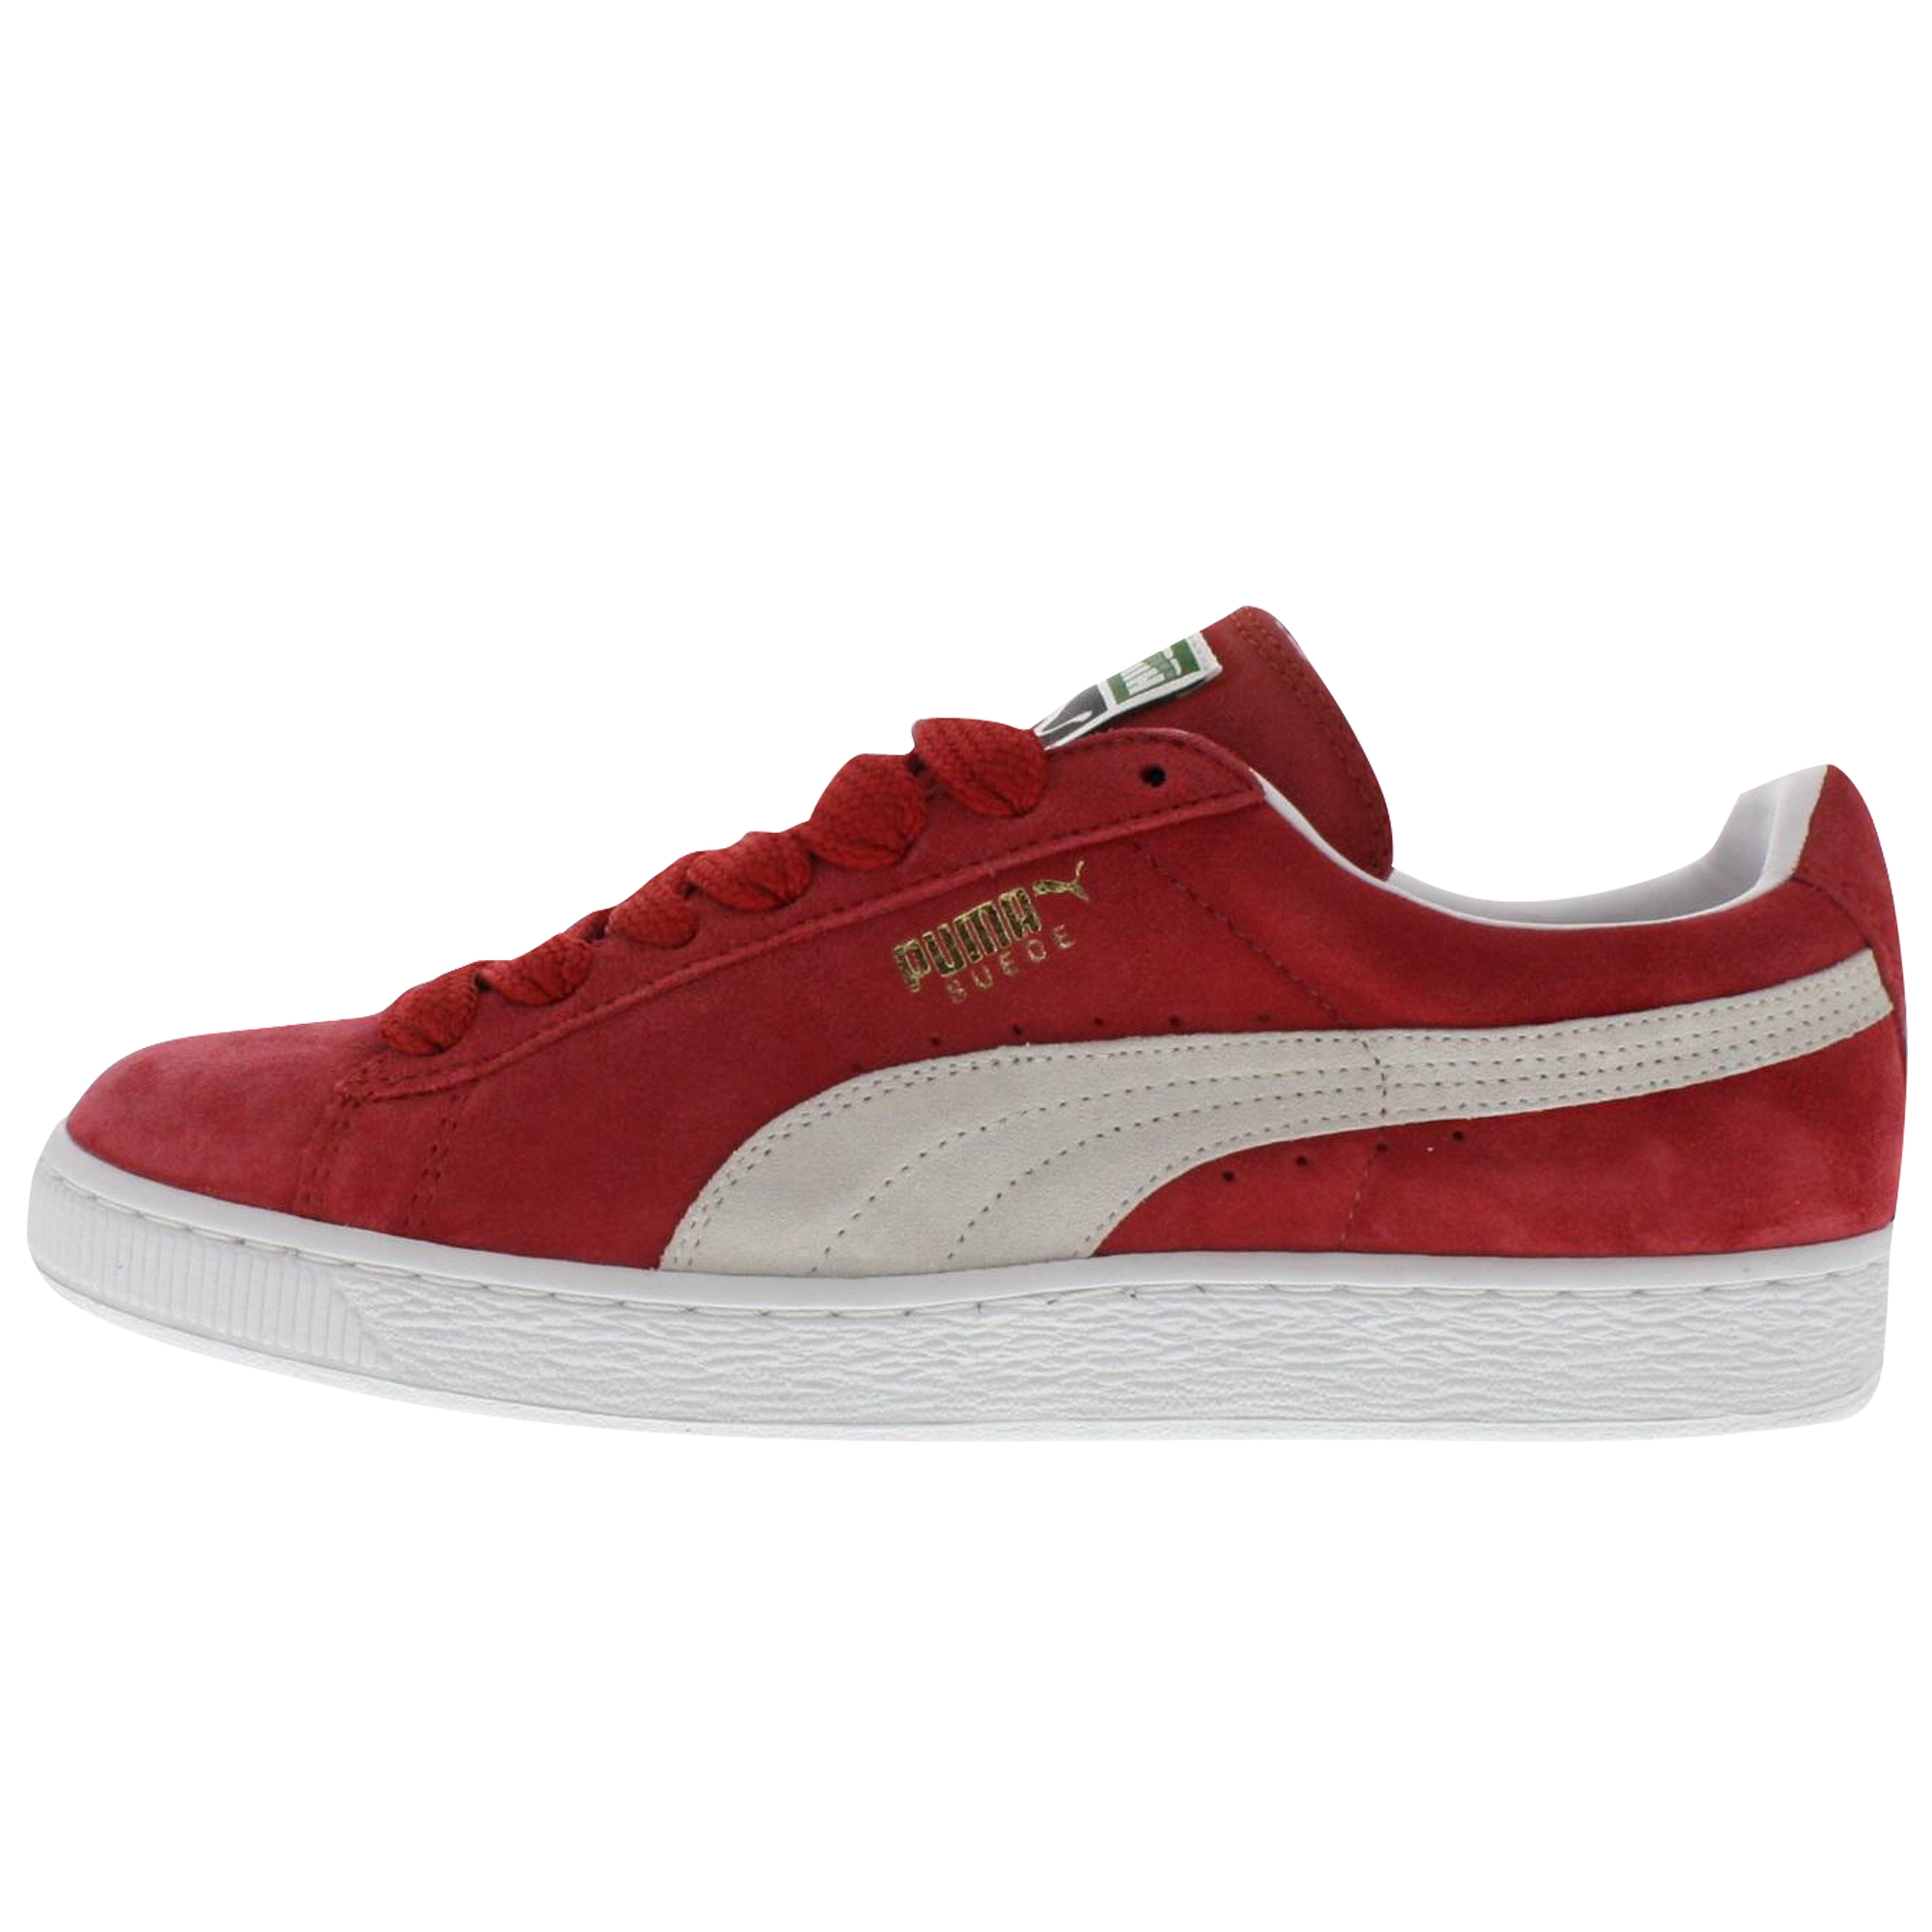 Puma Suede Erkek Ayakkabı